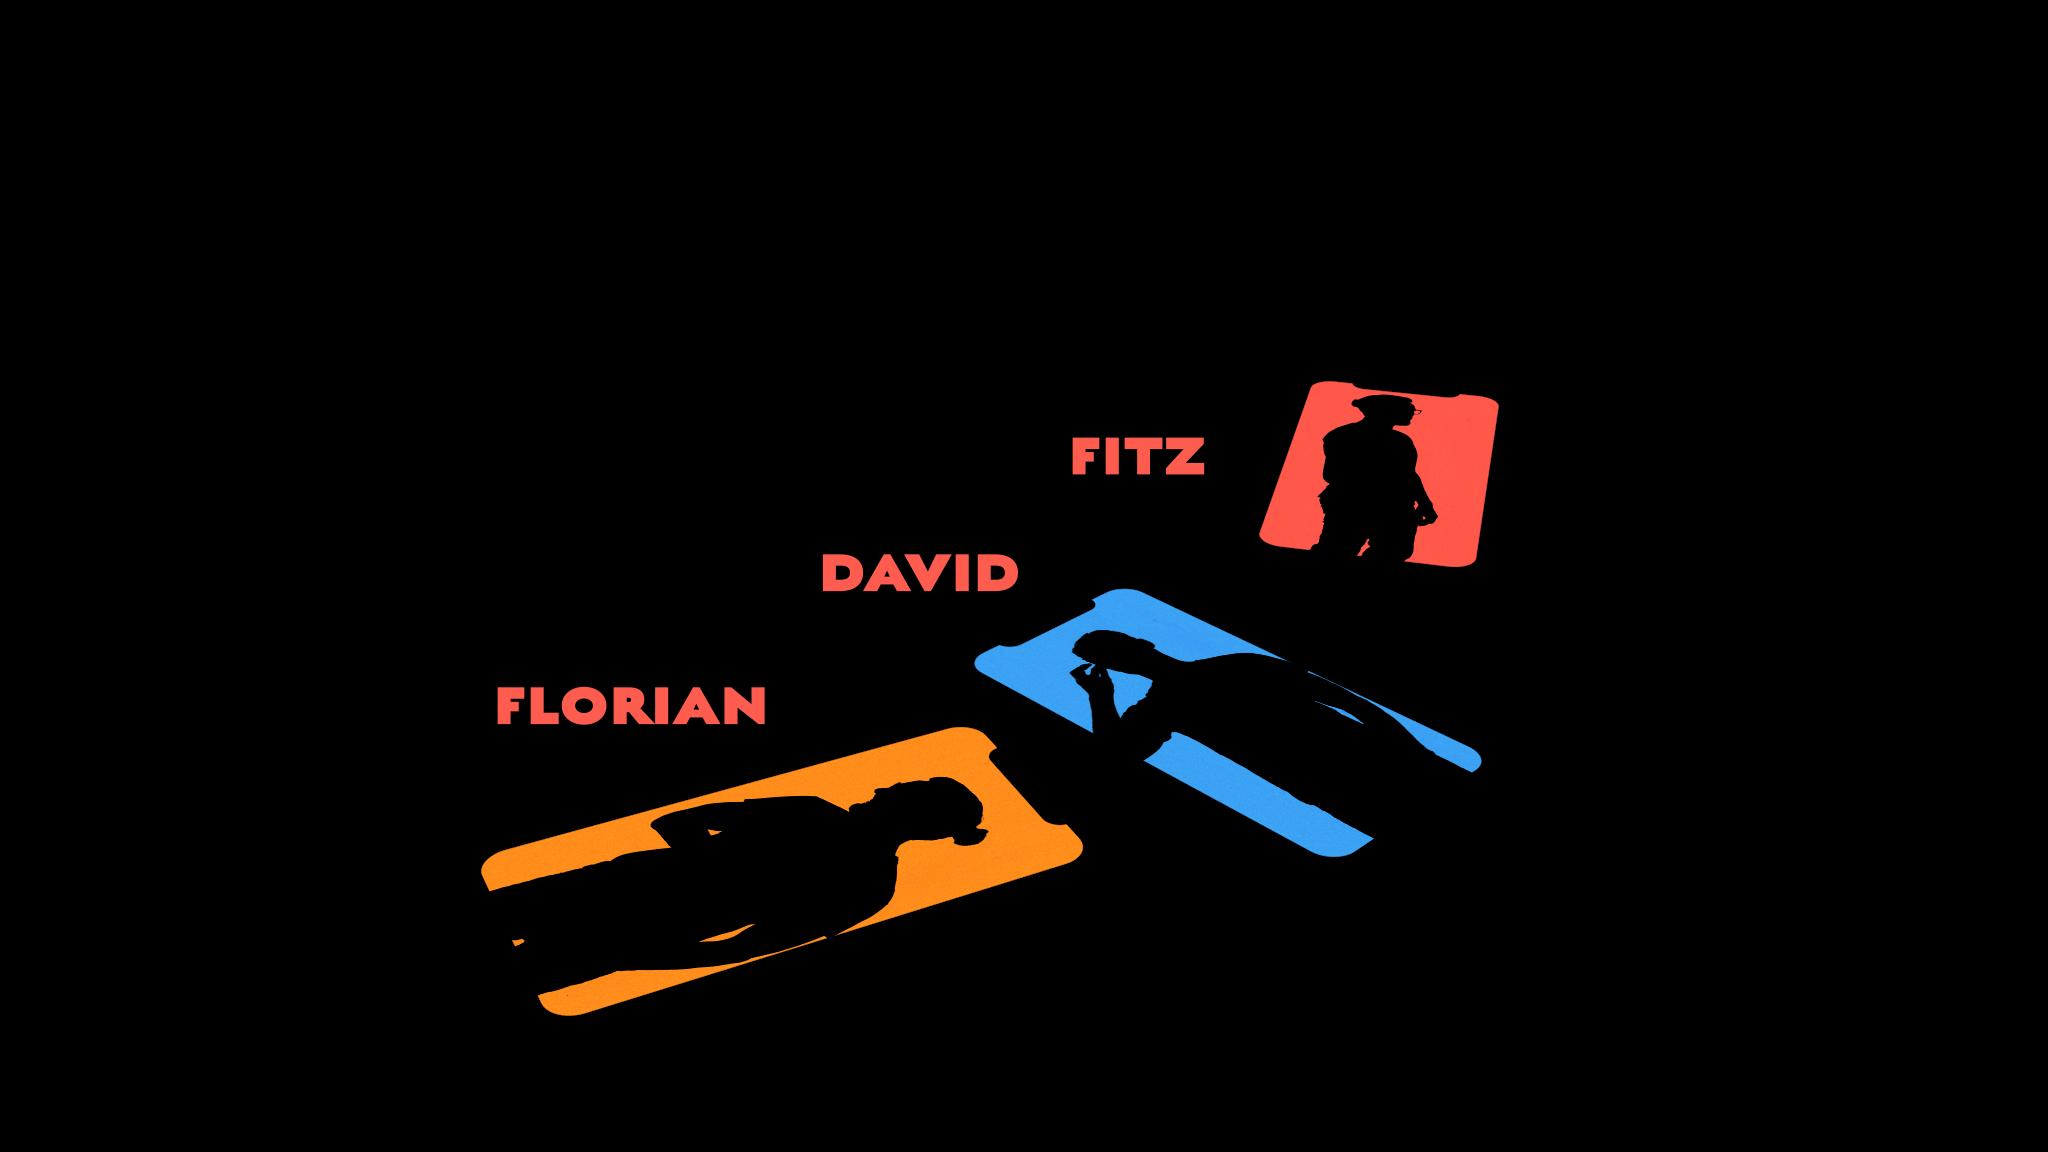 SH_07_Florian_001